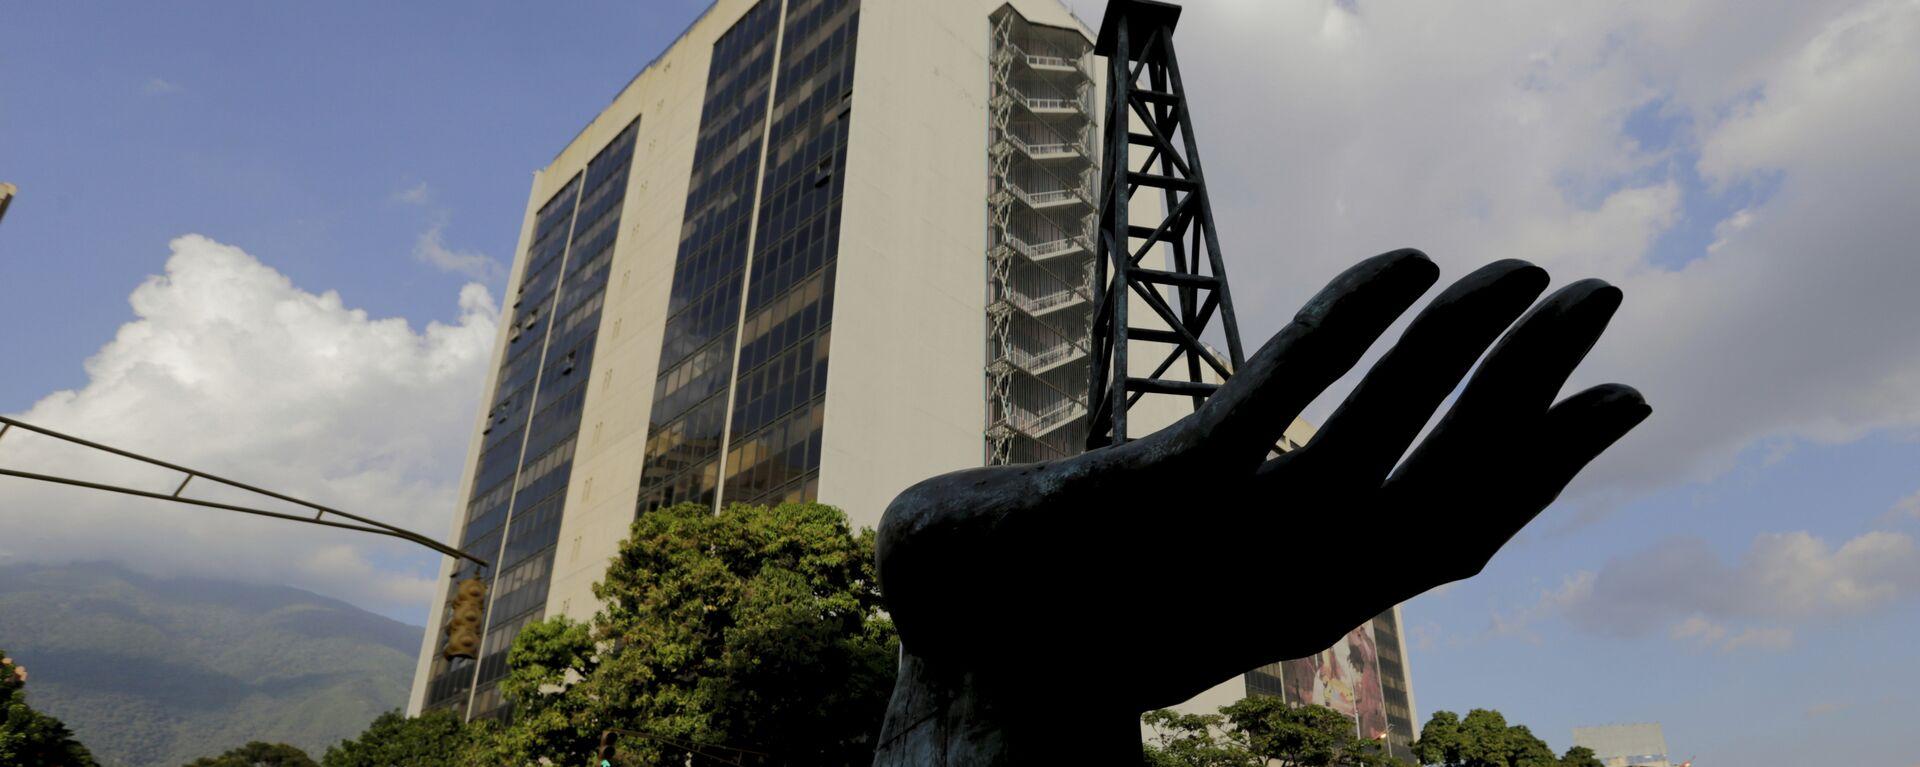 La esculptura de una bomba de gasóleo frente a la sede de la empresa venezolana PDVSA - Sputnik Mundo, 1920, 07.09.2021